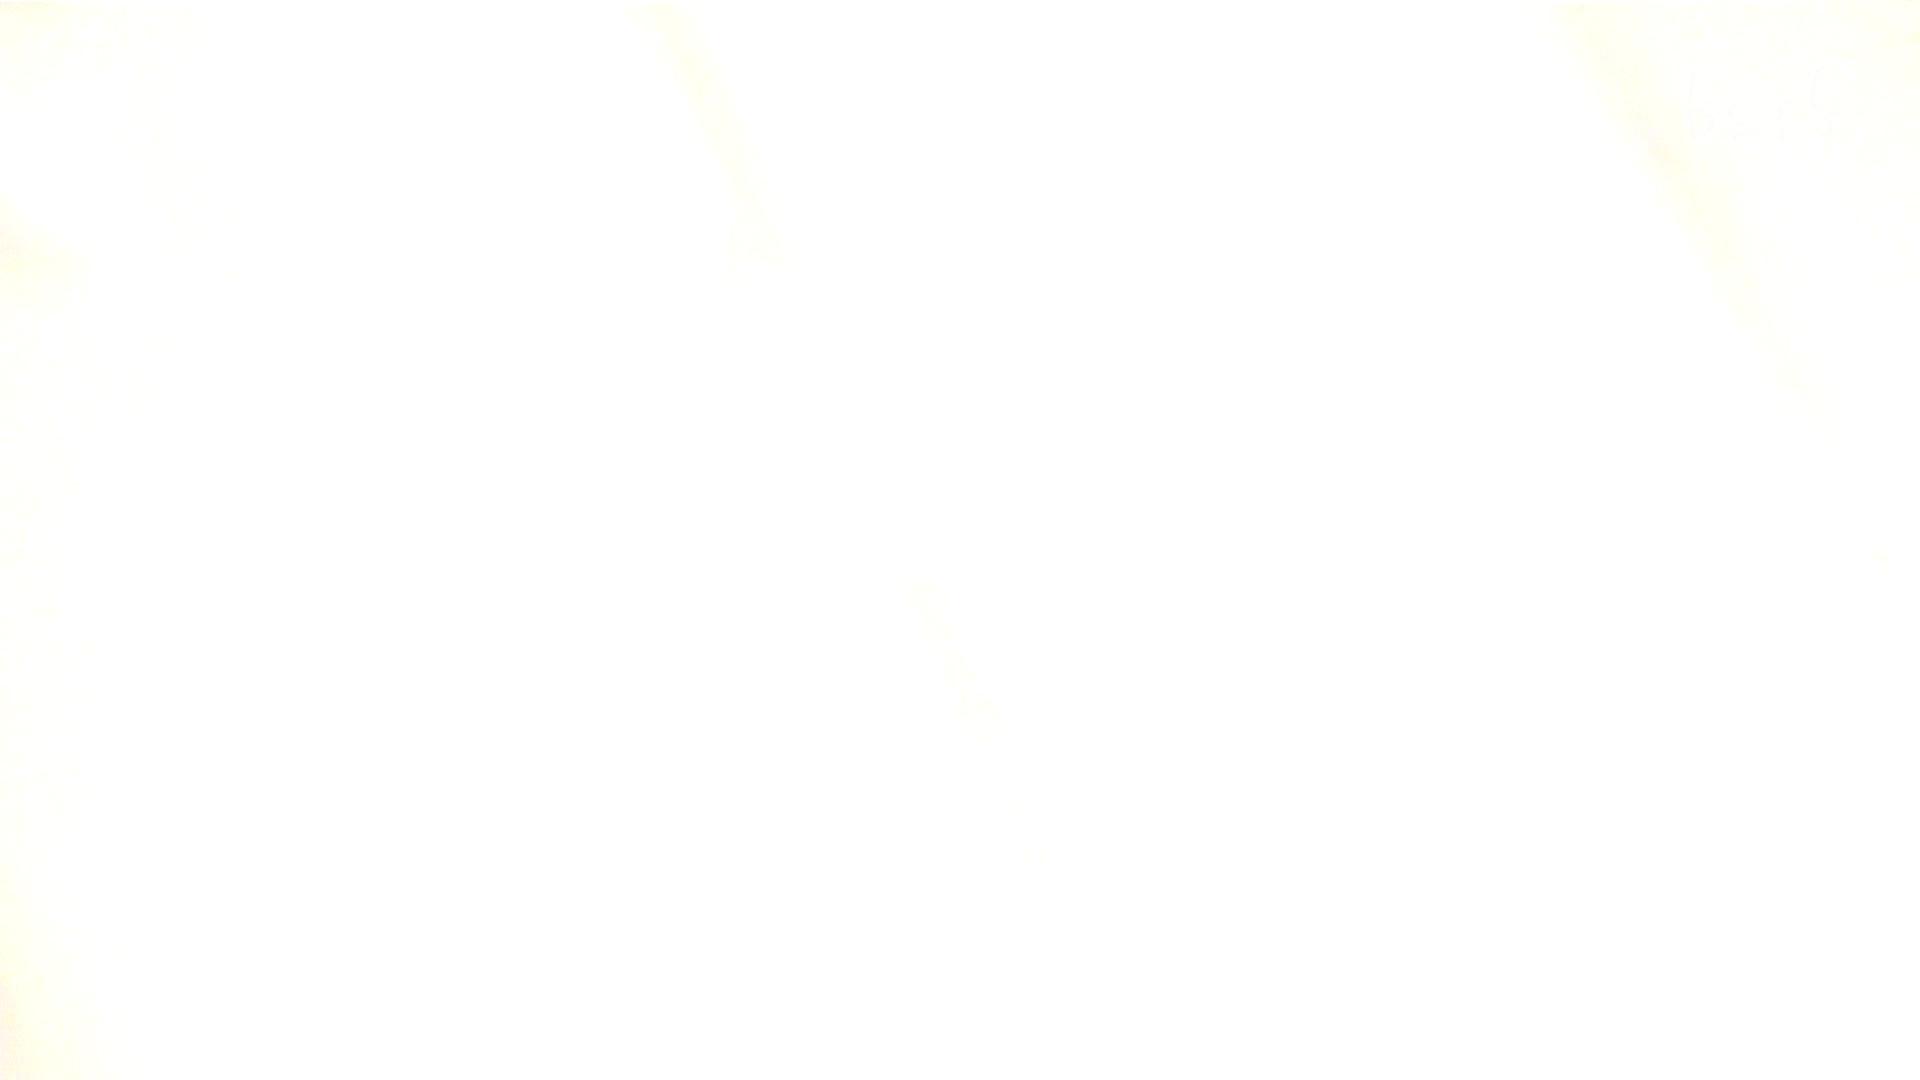 ナースのお小水 vol.005 ナースのエロ動画 のぞき 112PIX 44